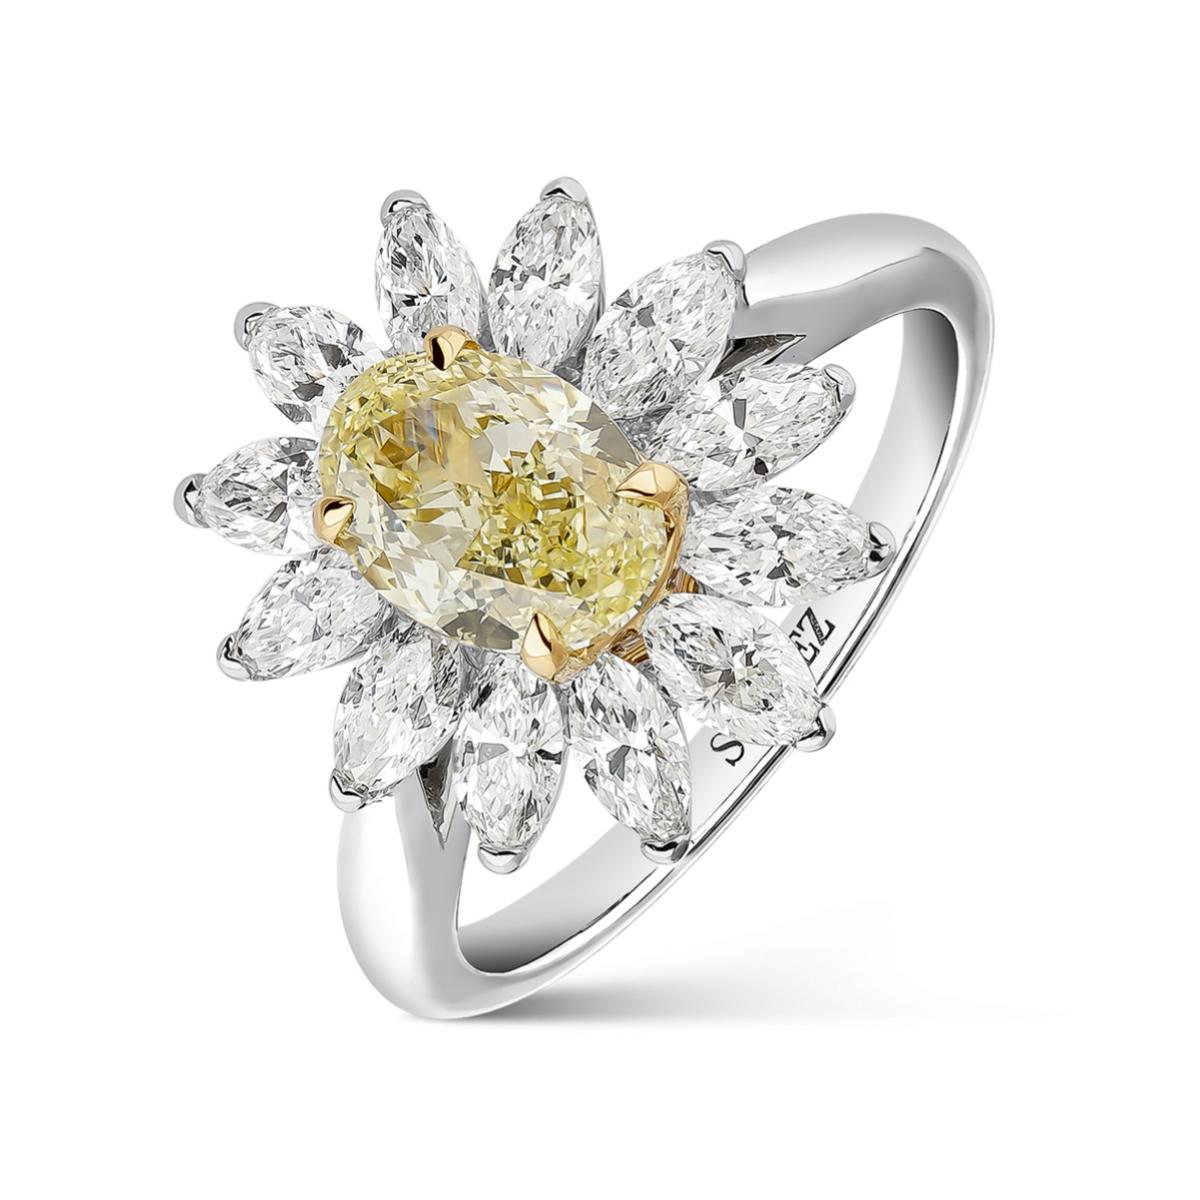 Anillo inspirado en la historia de amor de Rainiero de Mónaco y Grace Kelly de Suarez en oro blanco y oro amarillo de 18 quilates con diamante <em>fancy </em>y doce diamantes blancos de Suarez (c.p.v)